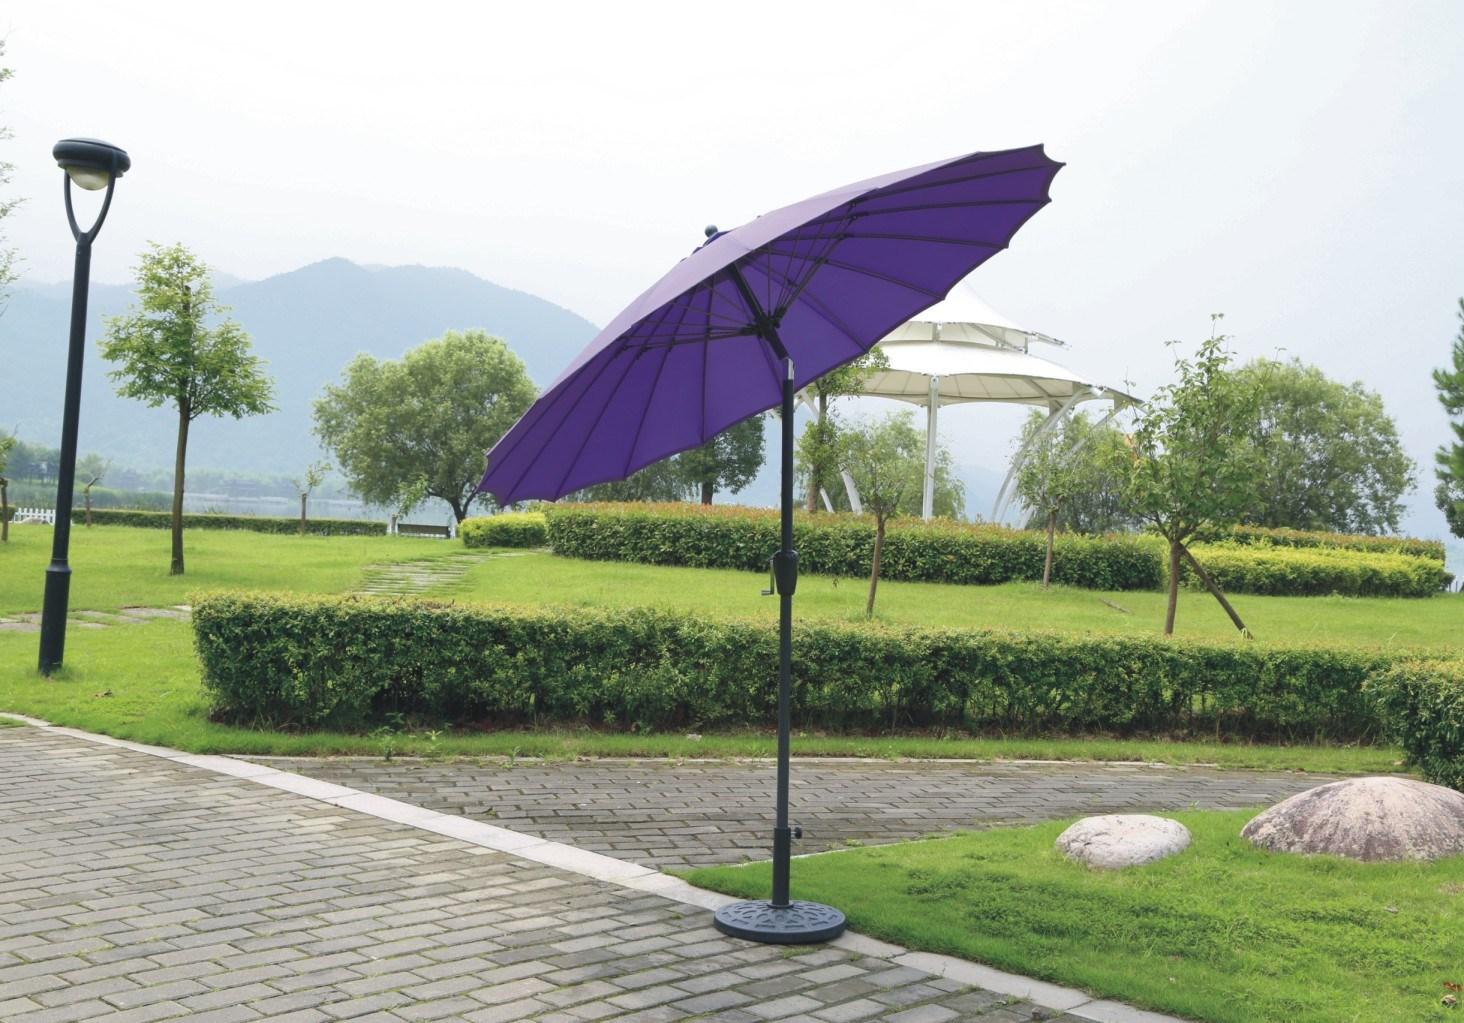 Fibreglass Outdoor Garden Umbrella Parasol With Tilt